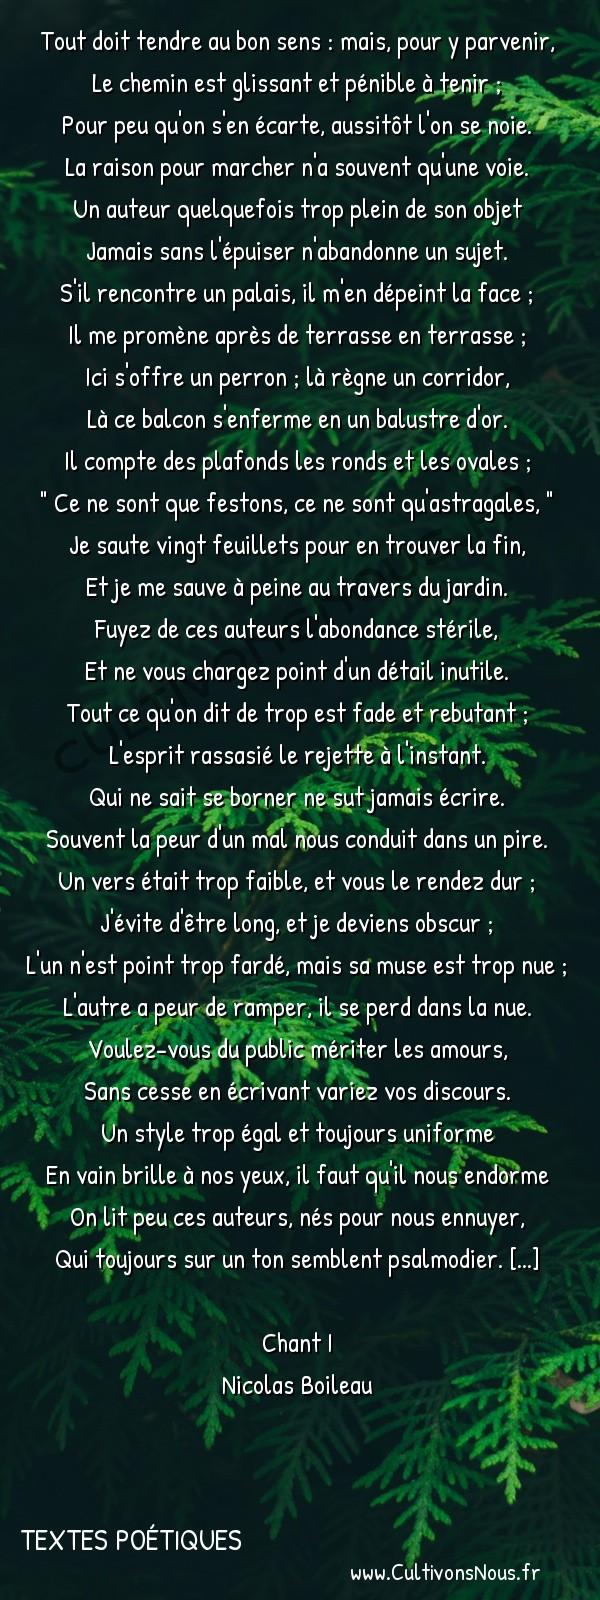 Poésie Nicolas Boileau - Textes poétiques - Tout doit tendre au bon sens… -  Tout doit tendre au bon sens : mais, pour y parvenir, Le chemin est glissant et pénible à tenir ;